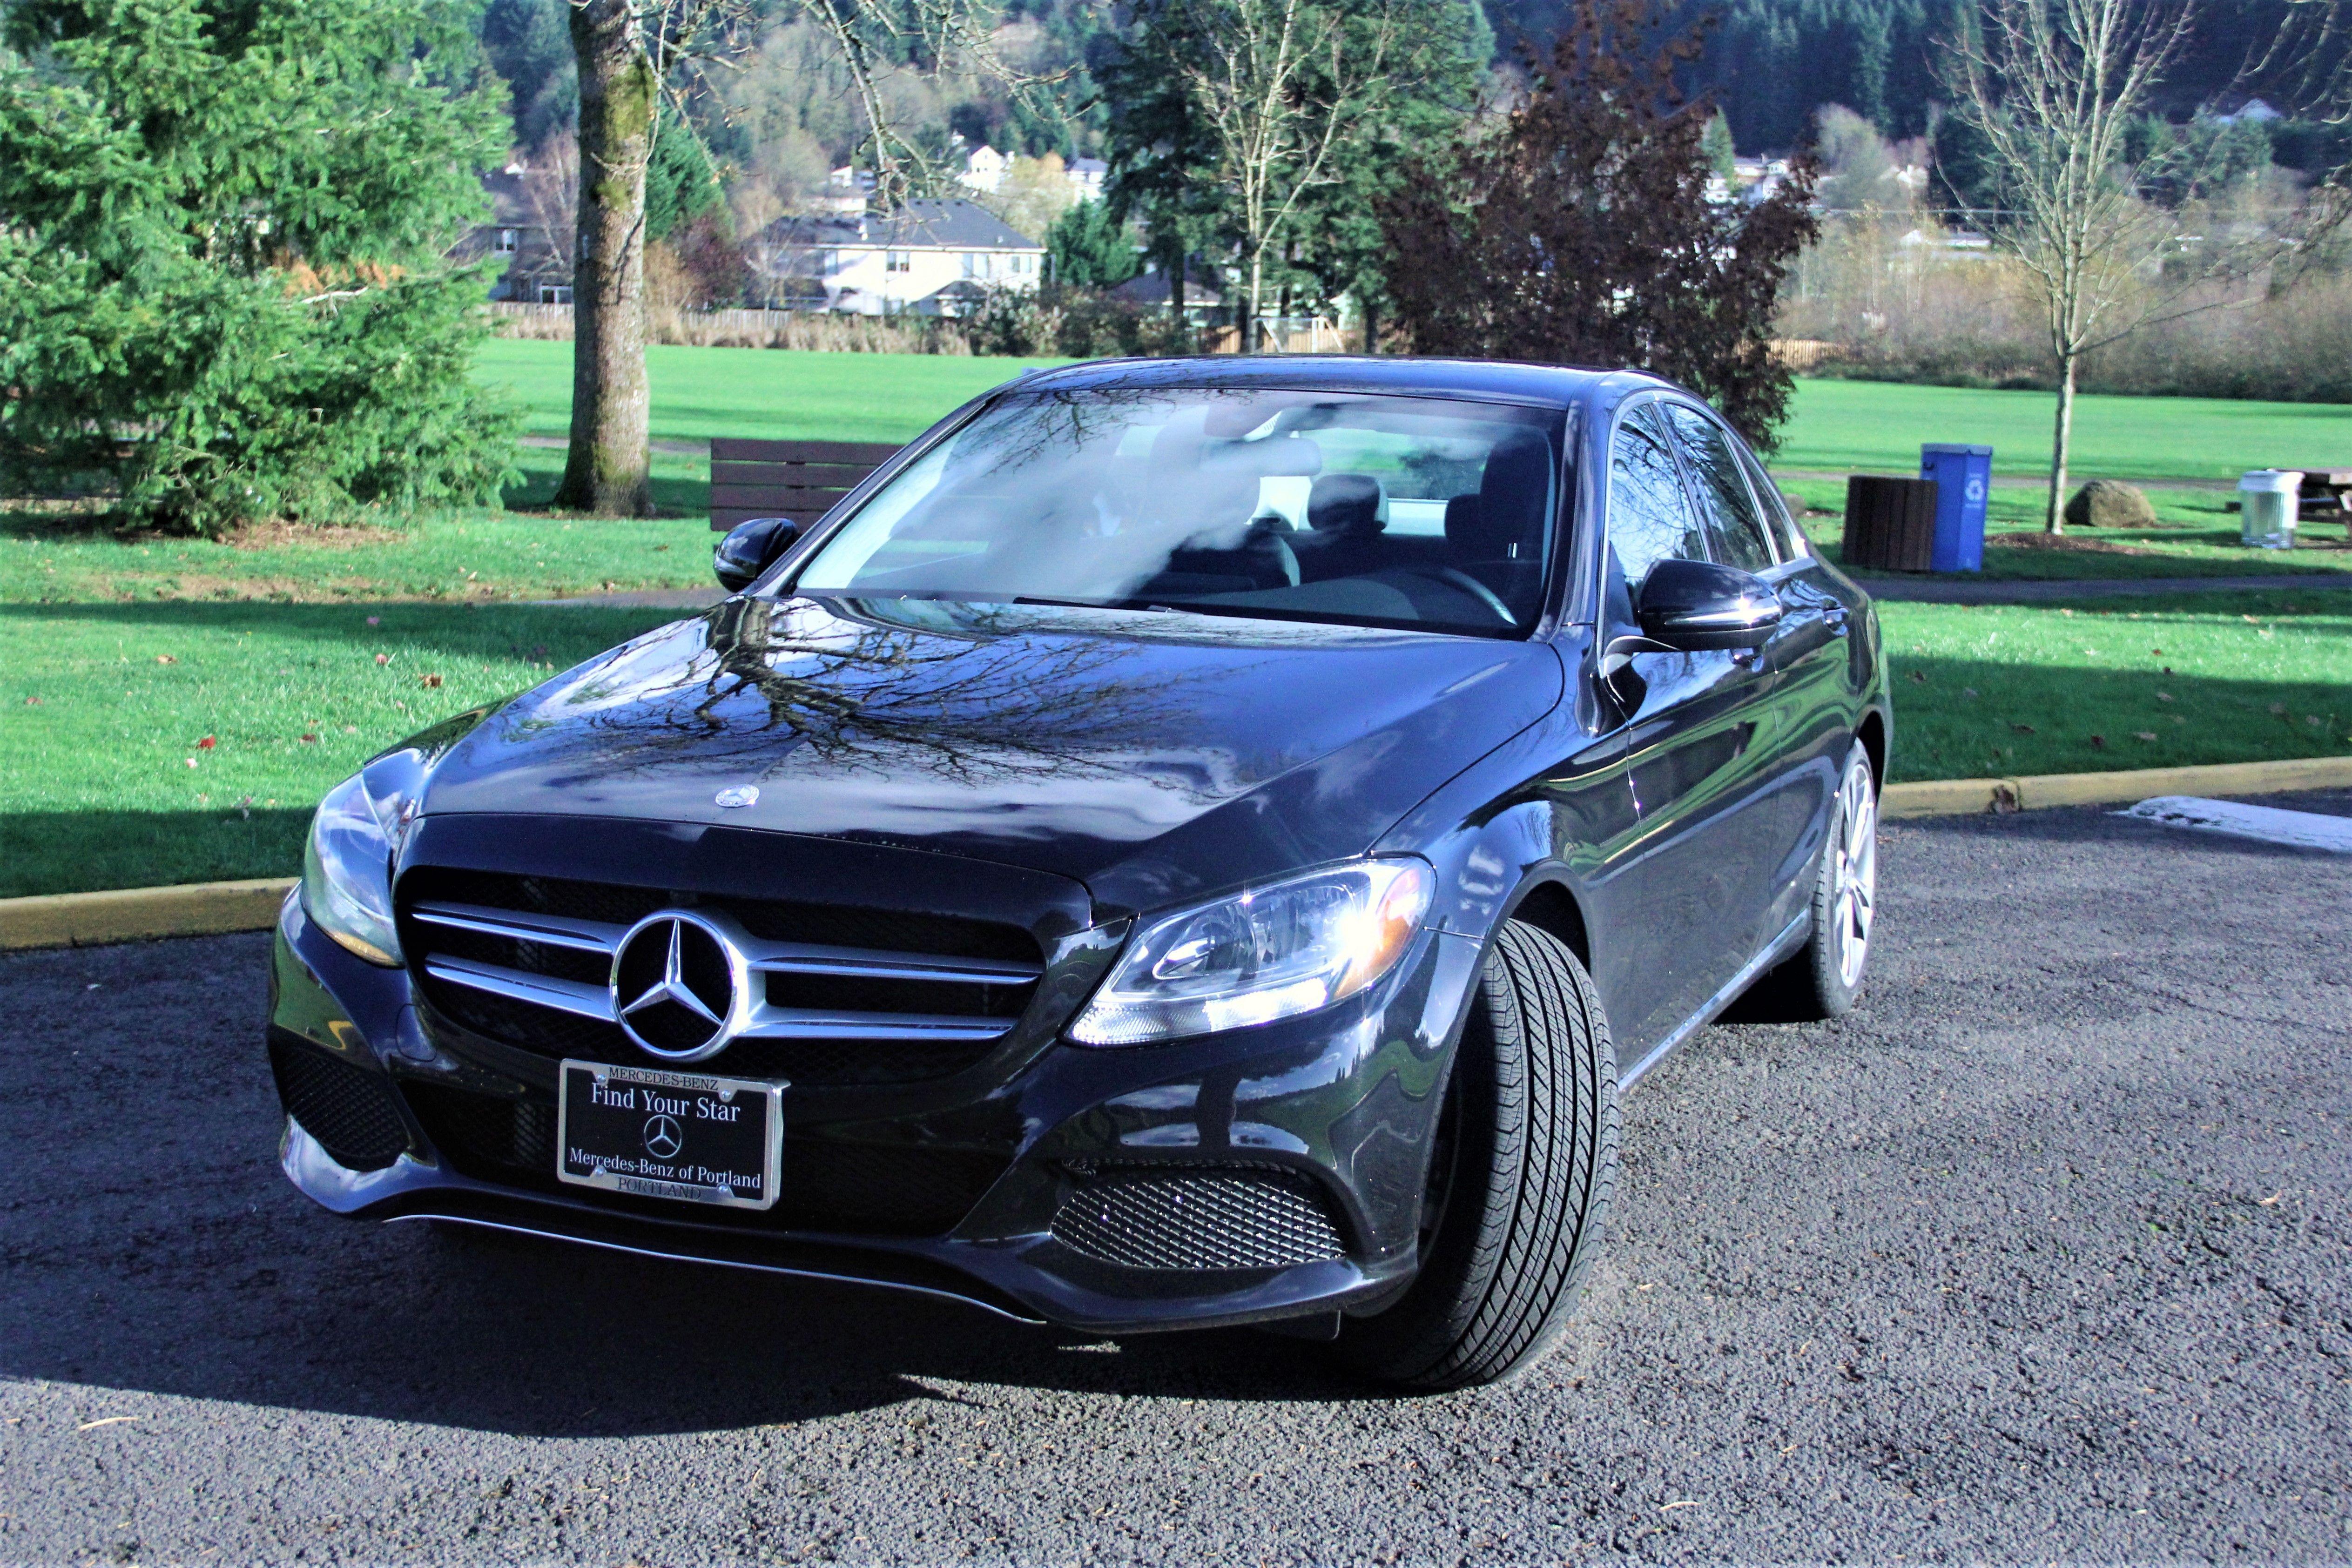 Get 25 Credit For Portland Car Rental 2016 Mercedes Benz C300 Https Turo Com C Yaroslavm Mercedes Benz C300 Alamo Car Car